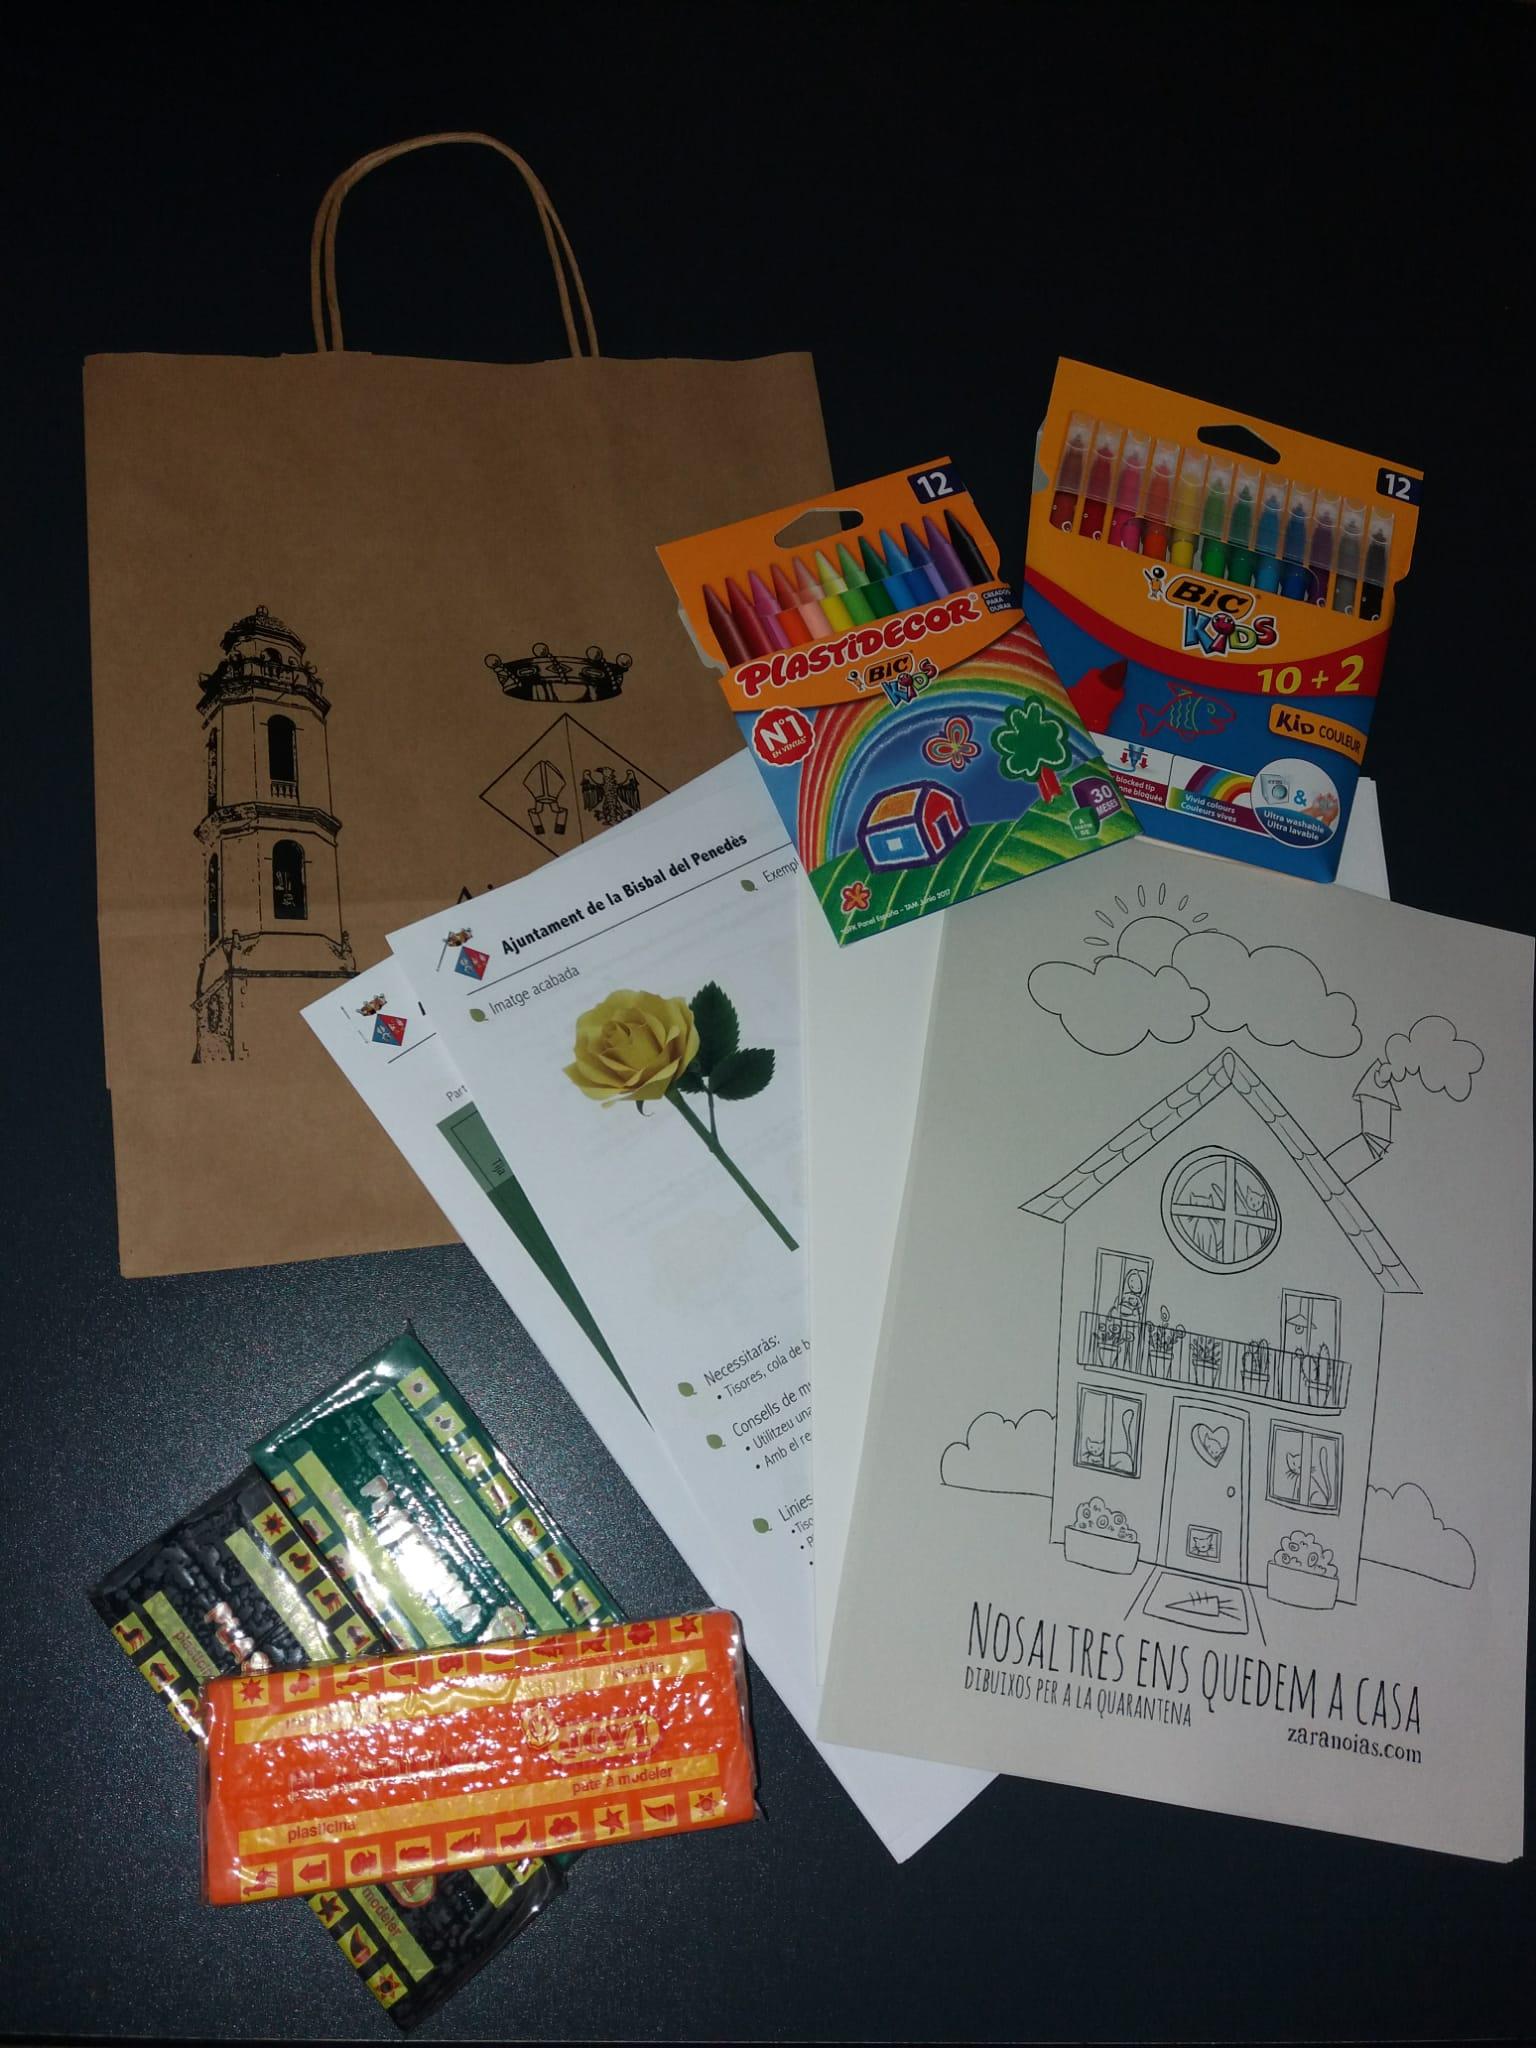 Aquest dimarts s'han començat a repartir els paquets de material escolar per als infants del municipi